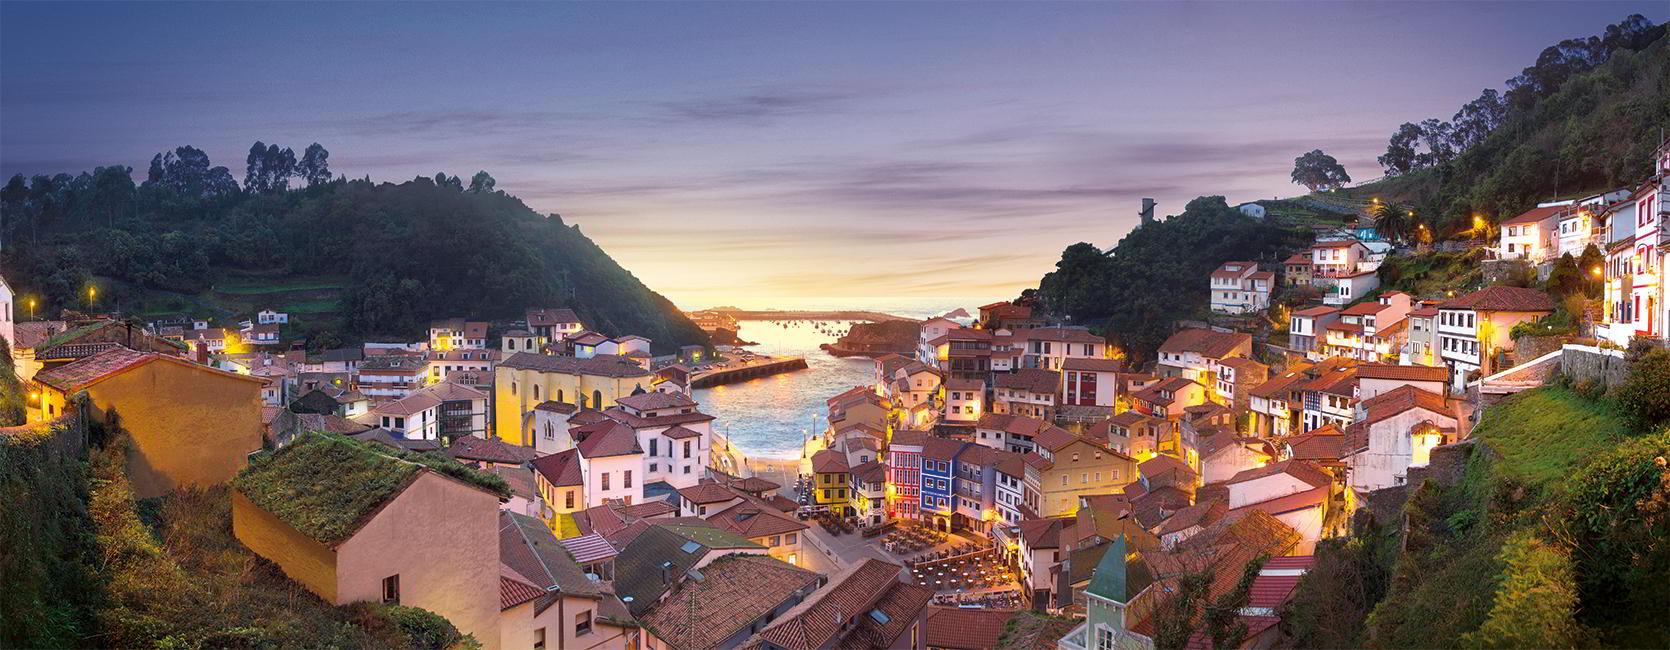 que festividades hay en asturias